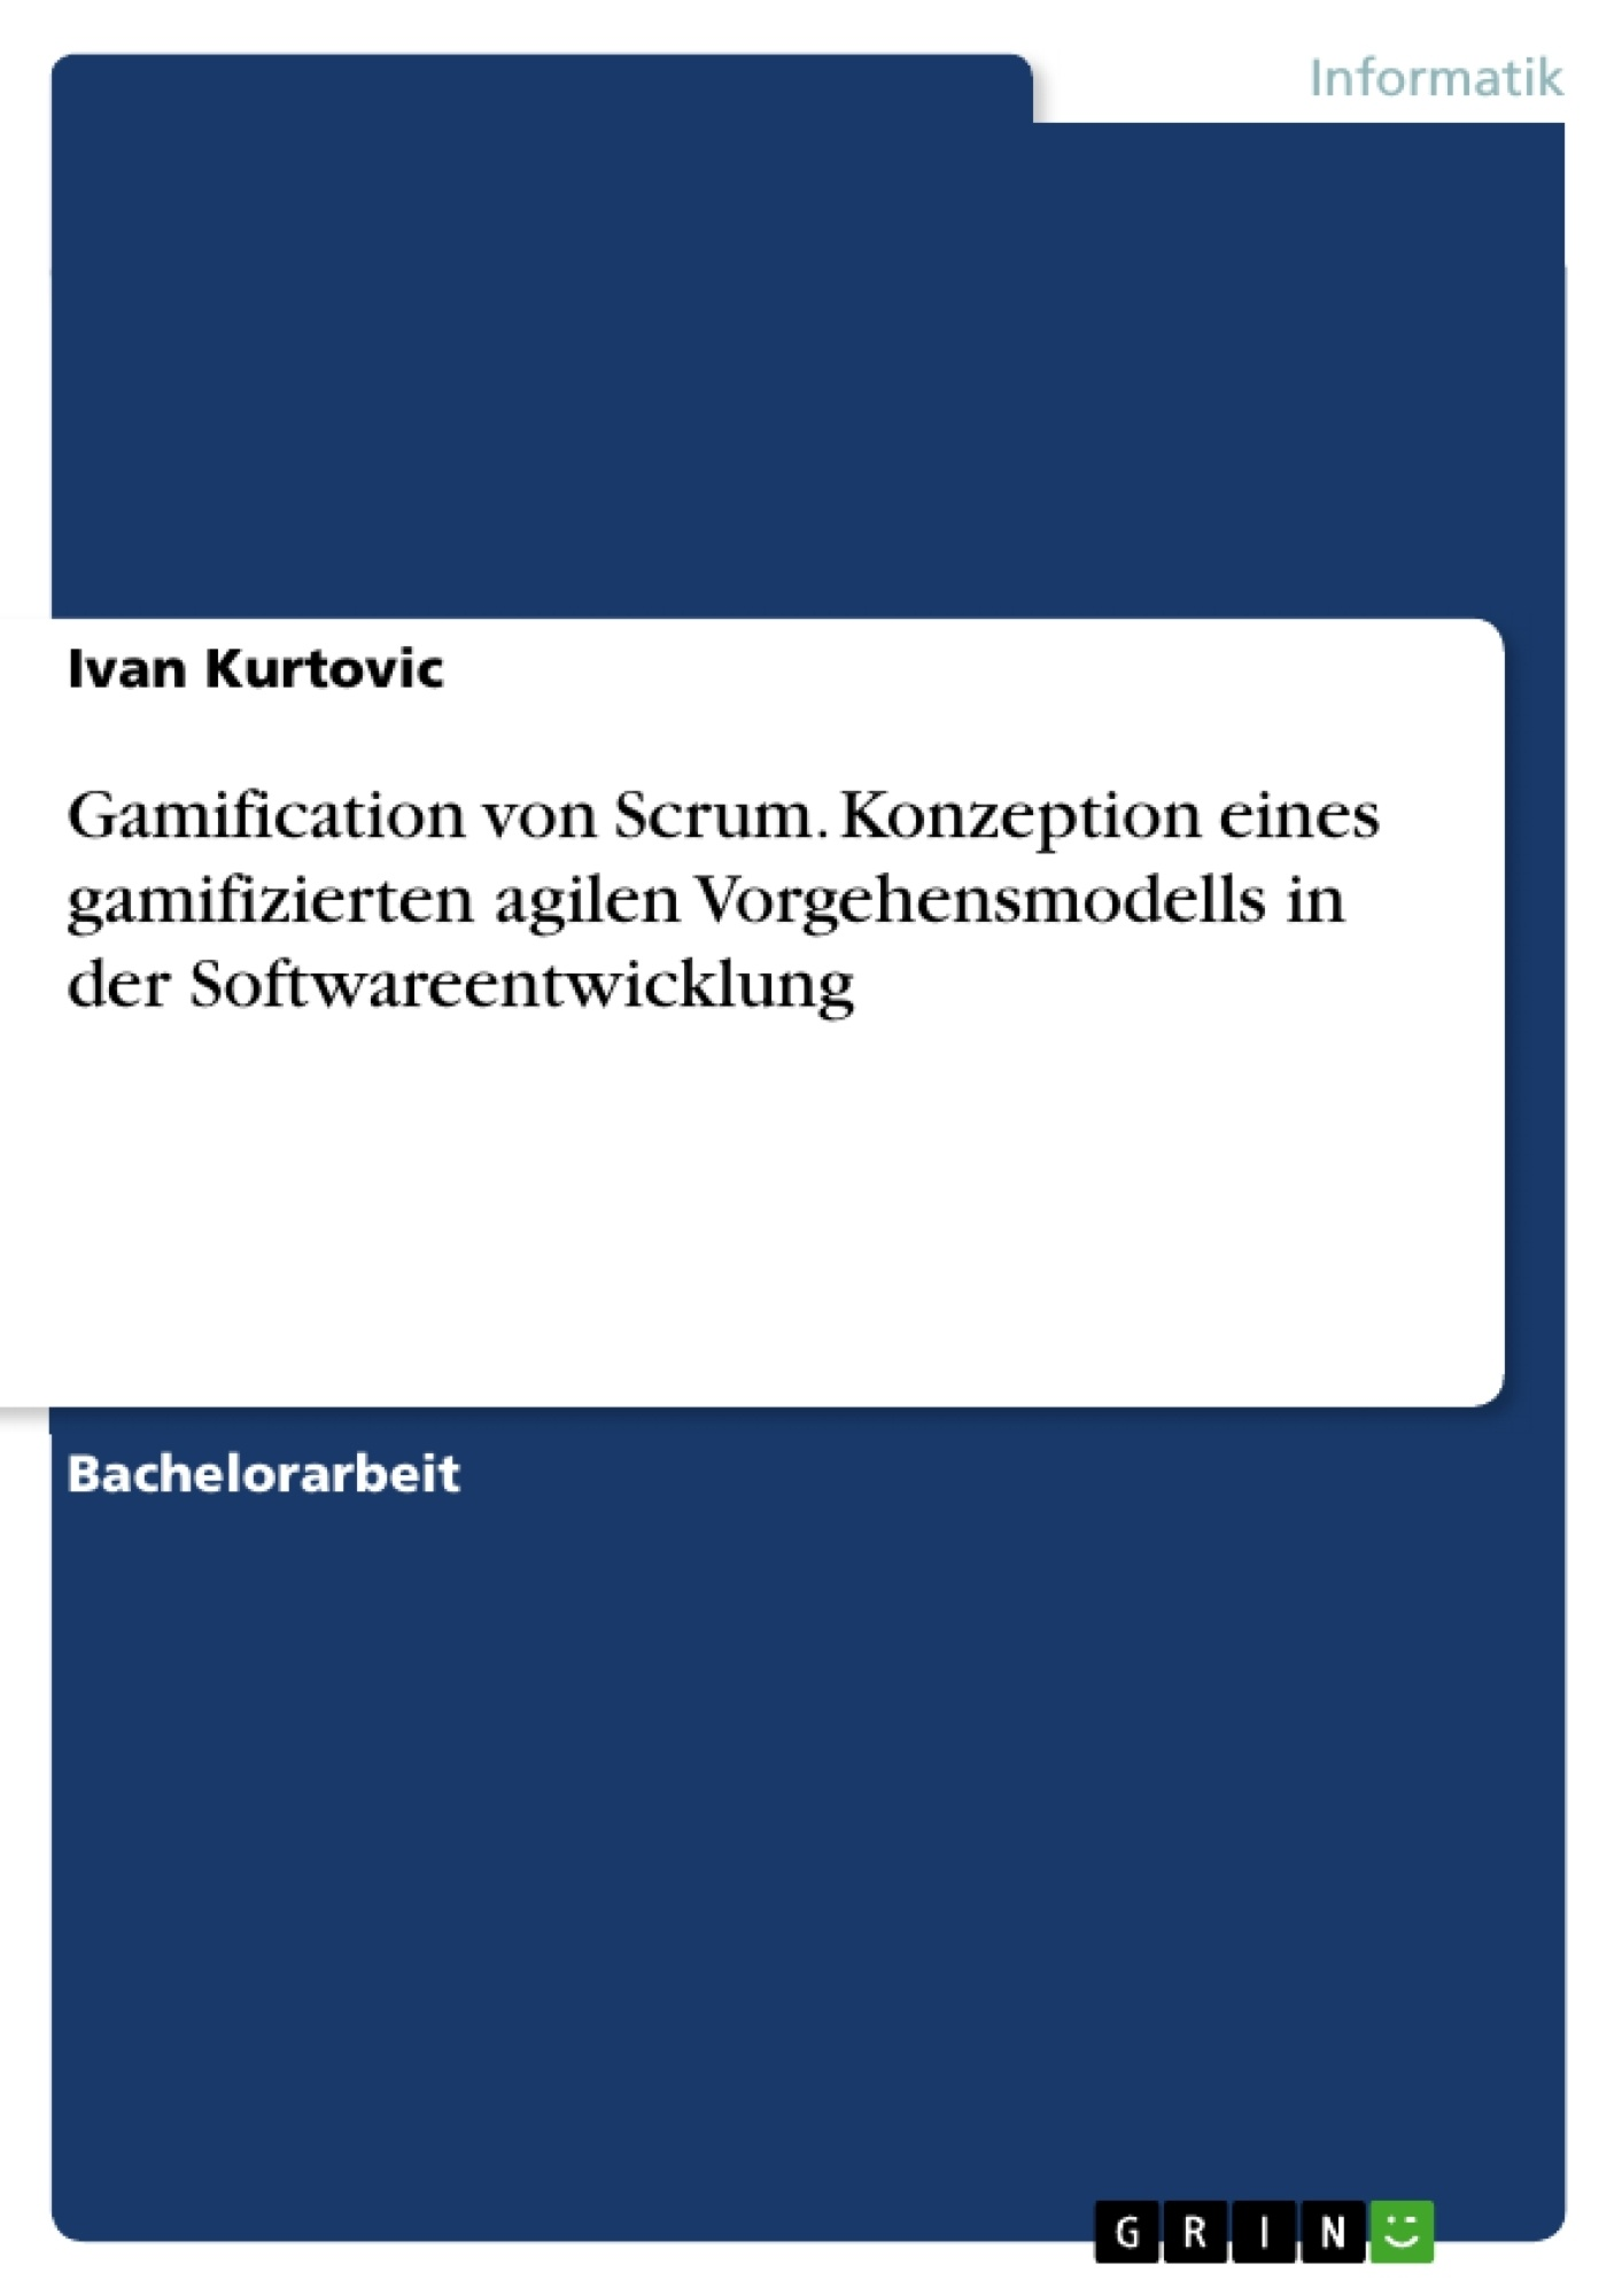 Titel: Gamification von Scrum. Konzeption eines gamifizierten agilen Vorgehensmodells in der Softwareentwicklung